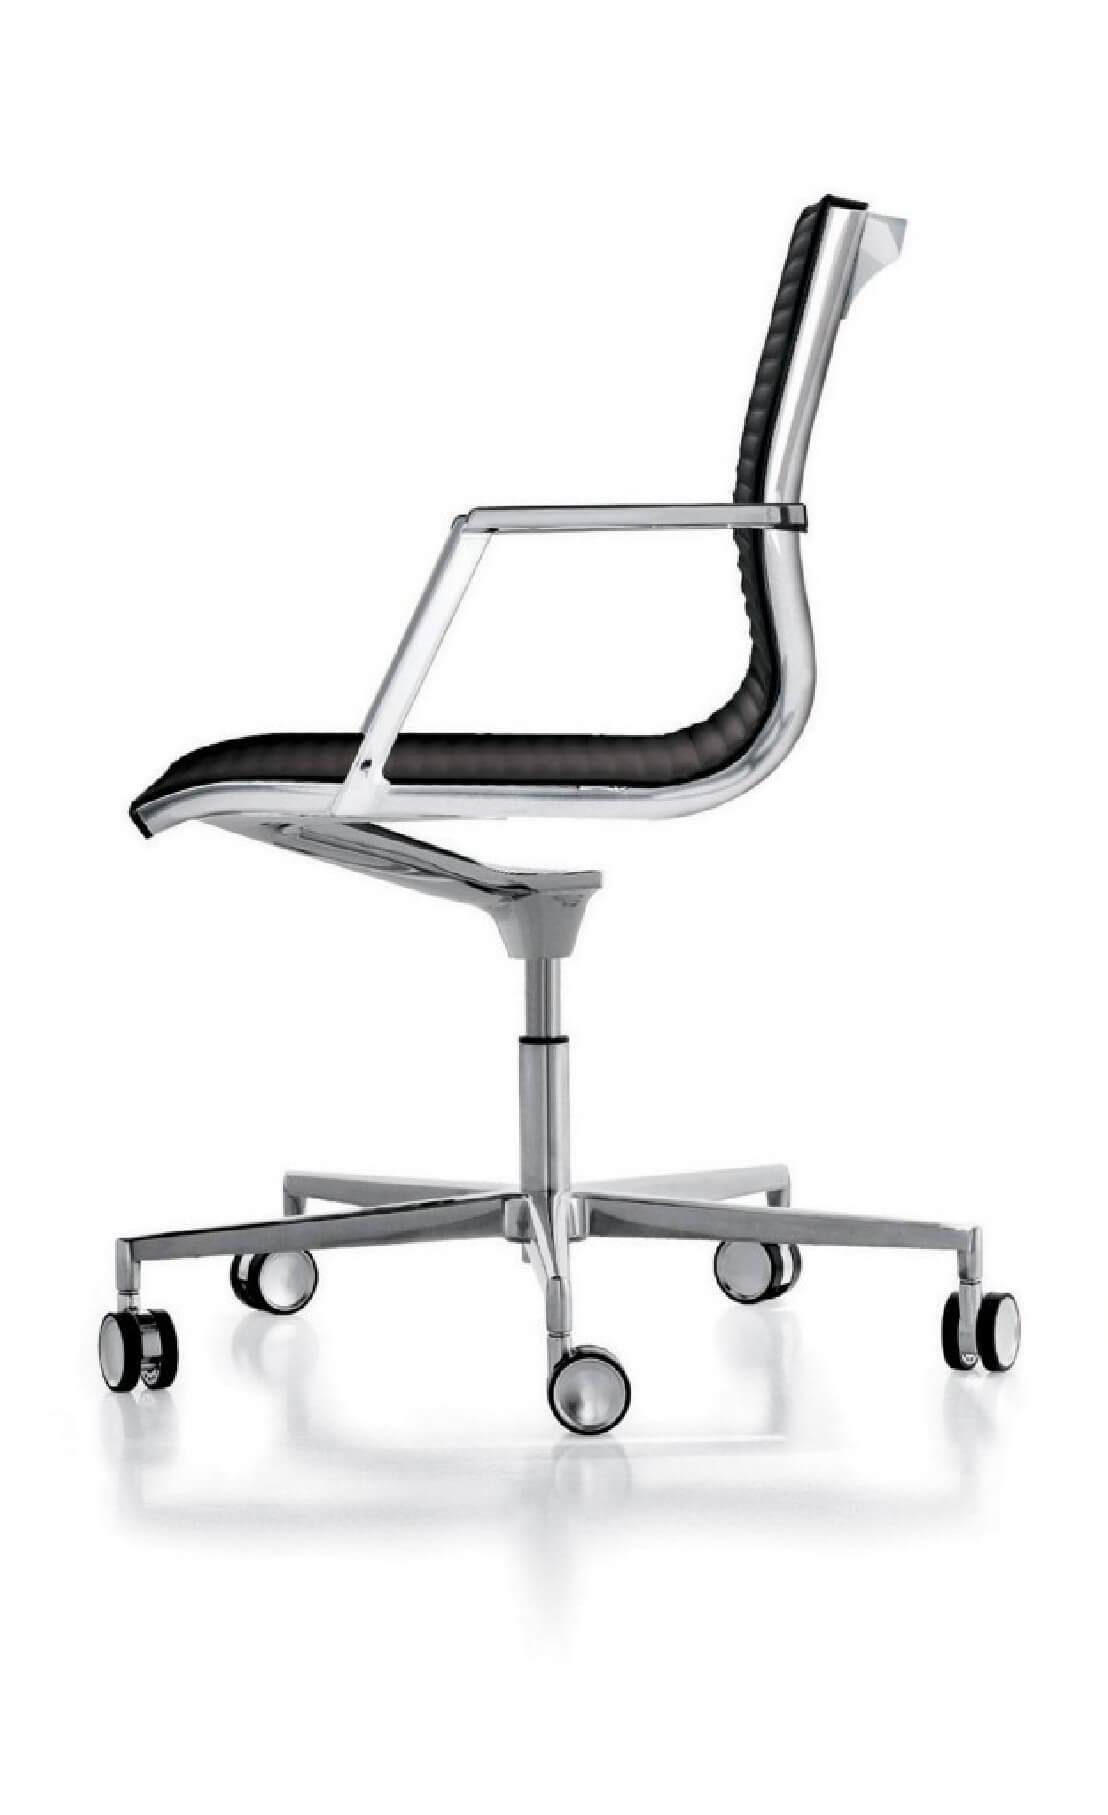 fauteuil cuir pleine fleur dossier bas nulite de bureau livraison gratuite. Black Bedroom Furniture Sets. Home Design Ideas